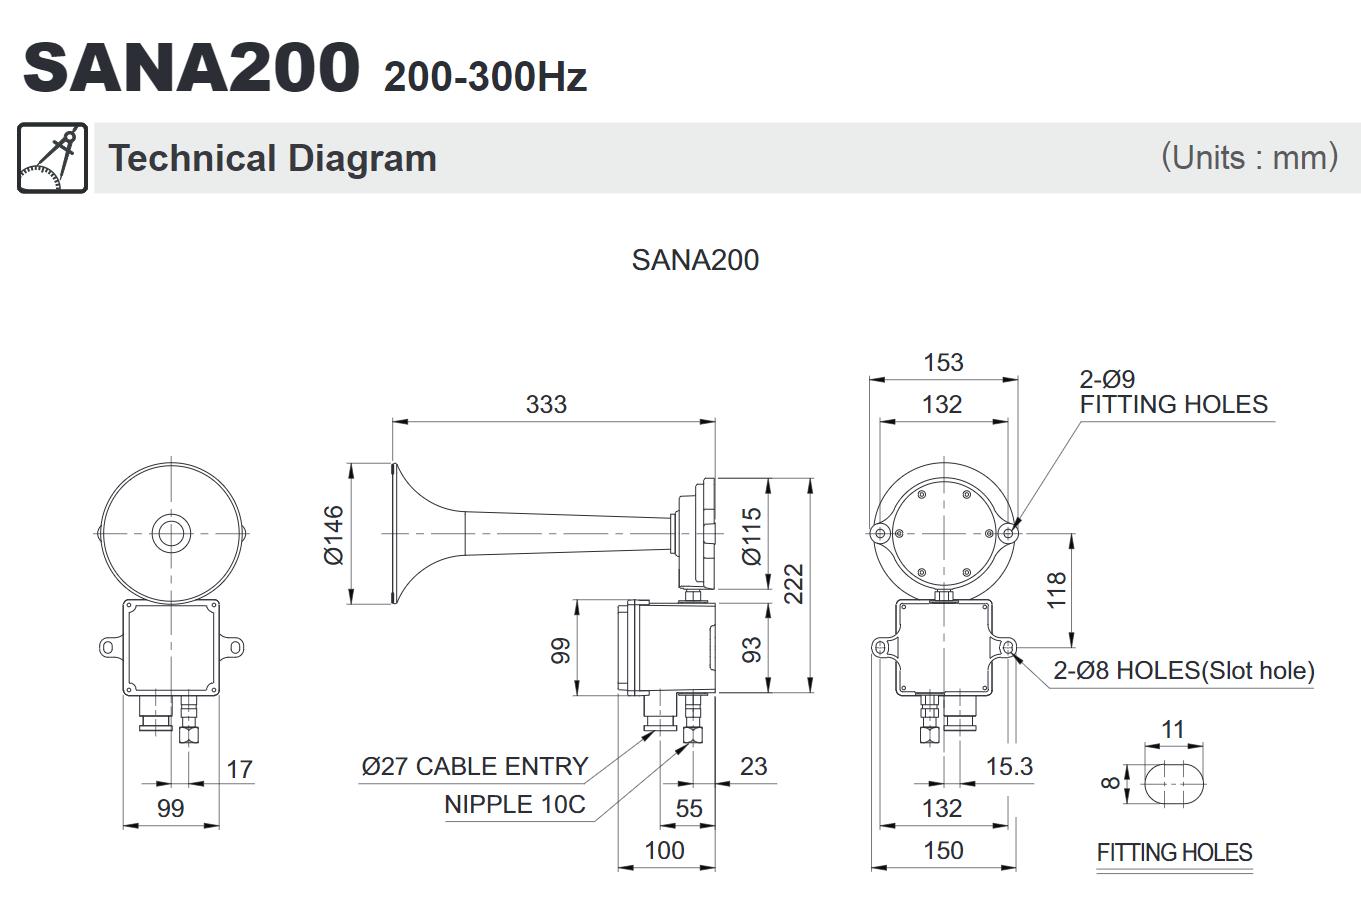 [DIAGRAM_4PO]  SANA200 Air Horn 130dB – Dream Marine   Industrial Air Horn Schematic      Dream Marine